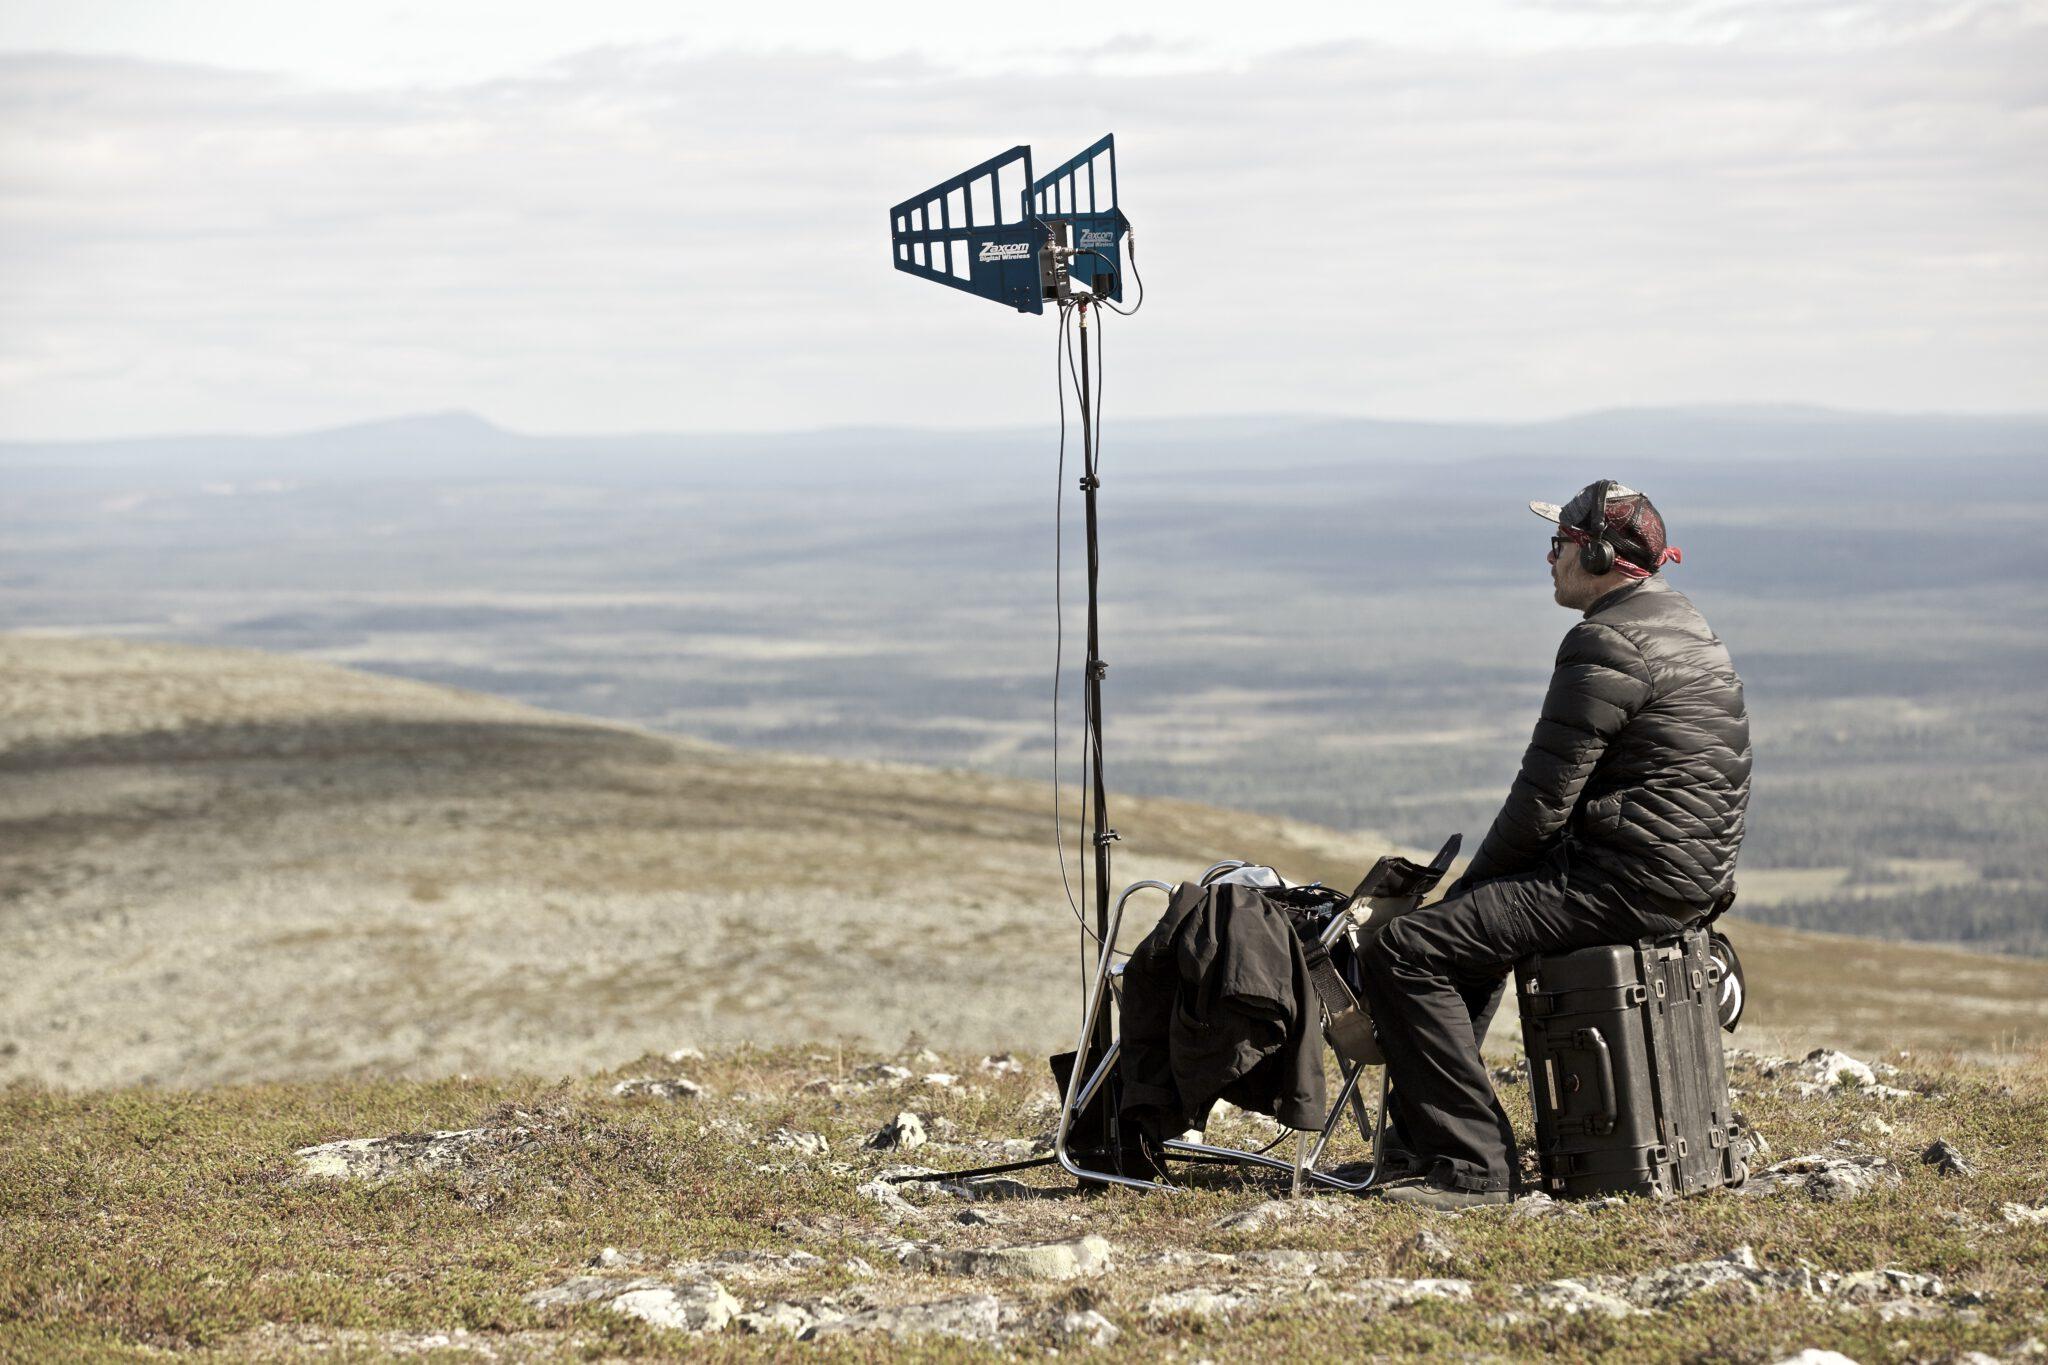 Elokuvatyöntekijä istuu yksin ja tuijottaa aavaa maisemaa.